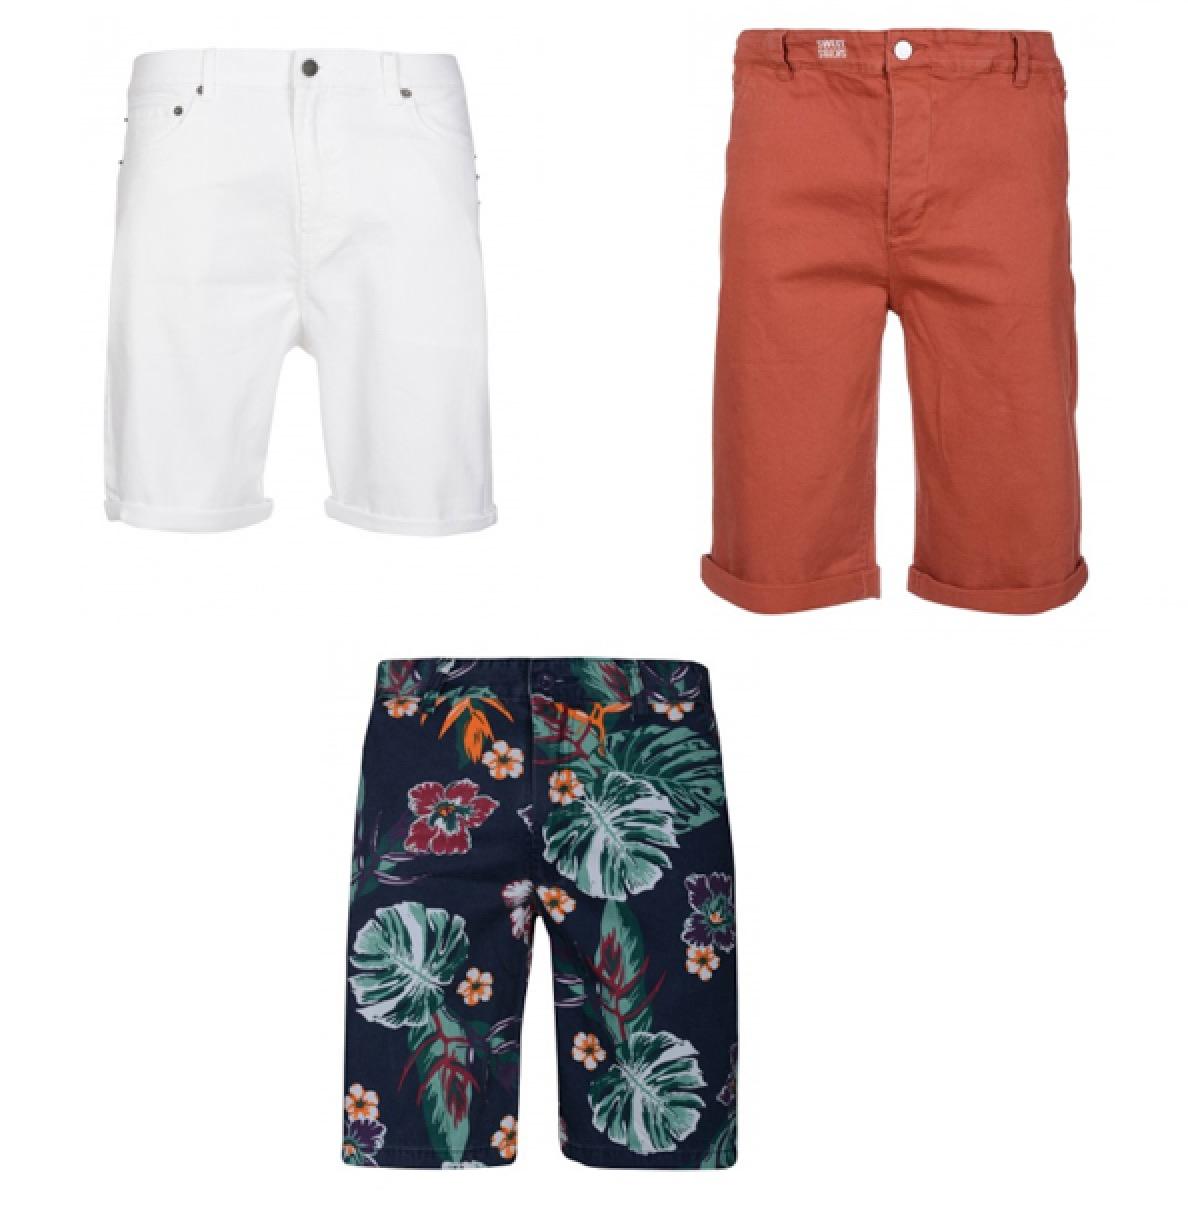 Verschiedene Shorts im Sale bei Outlet46 – schon ab 7,99 Euro (MBW: 19,- Euro)